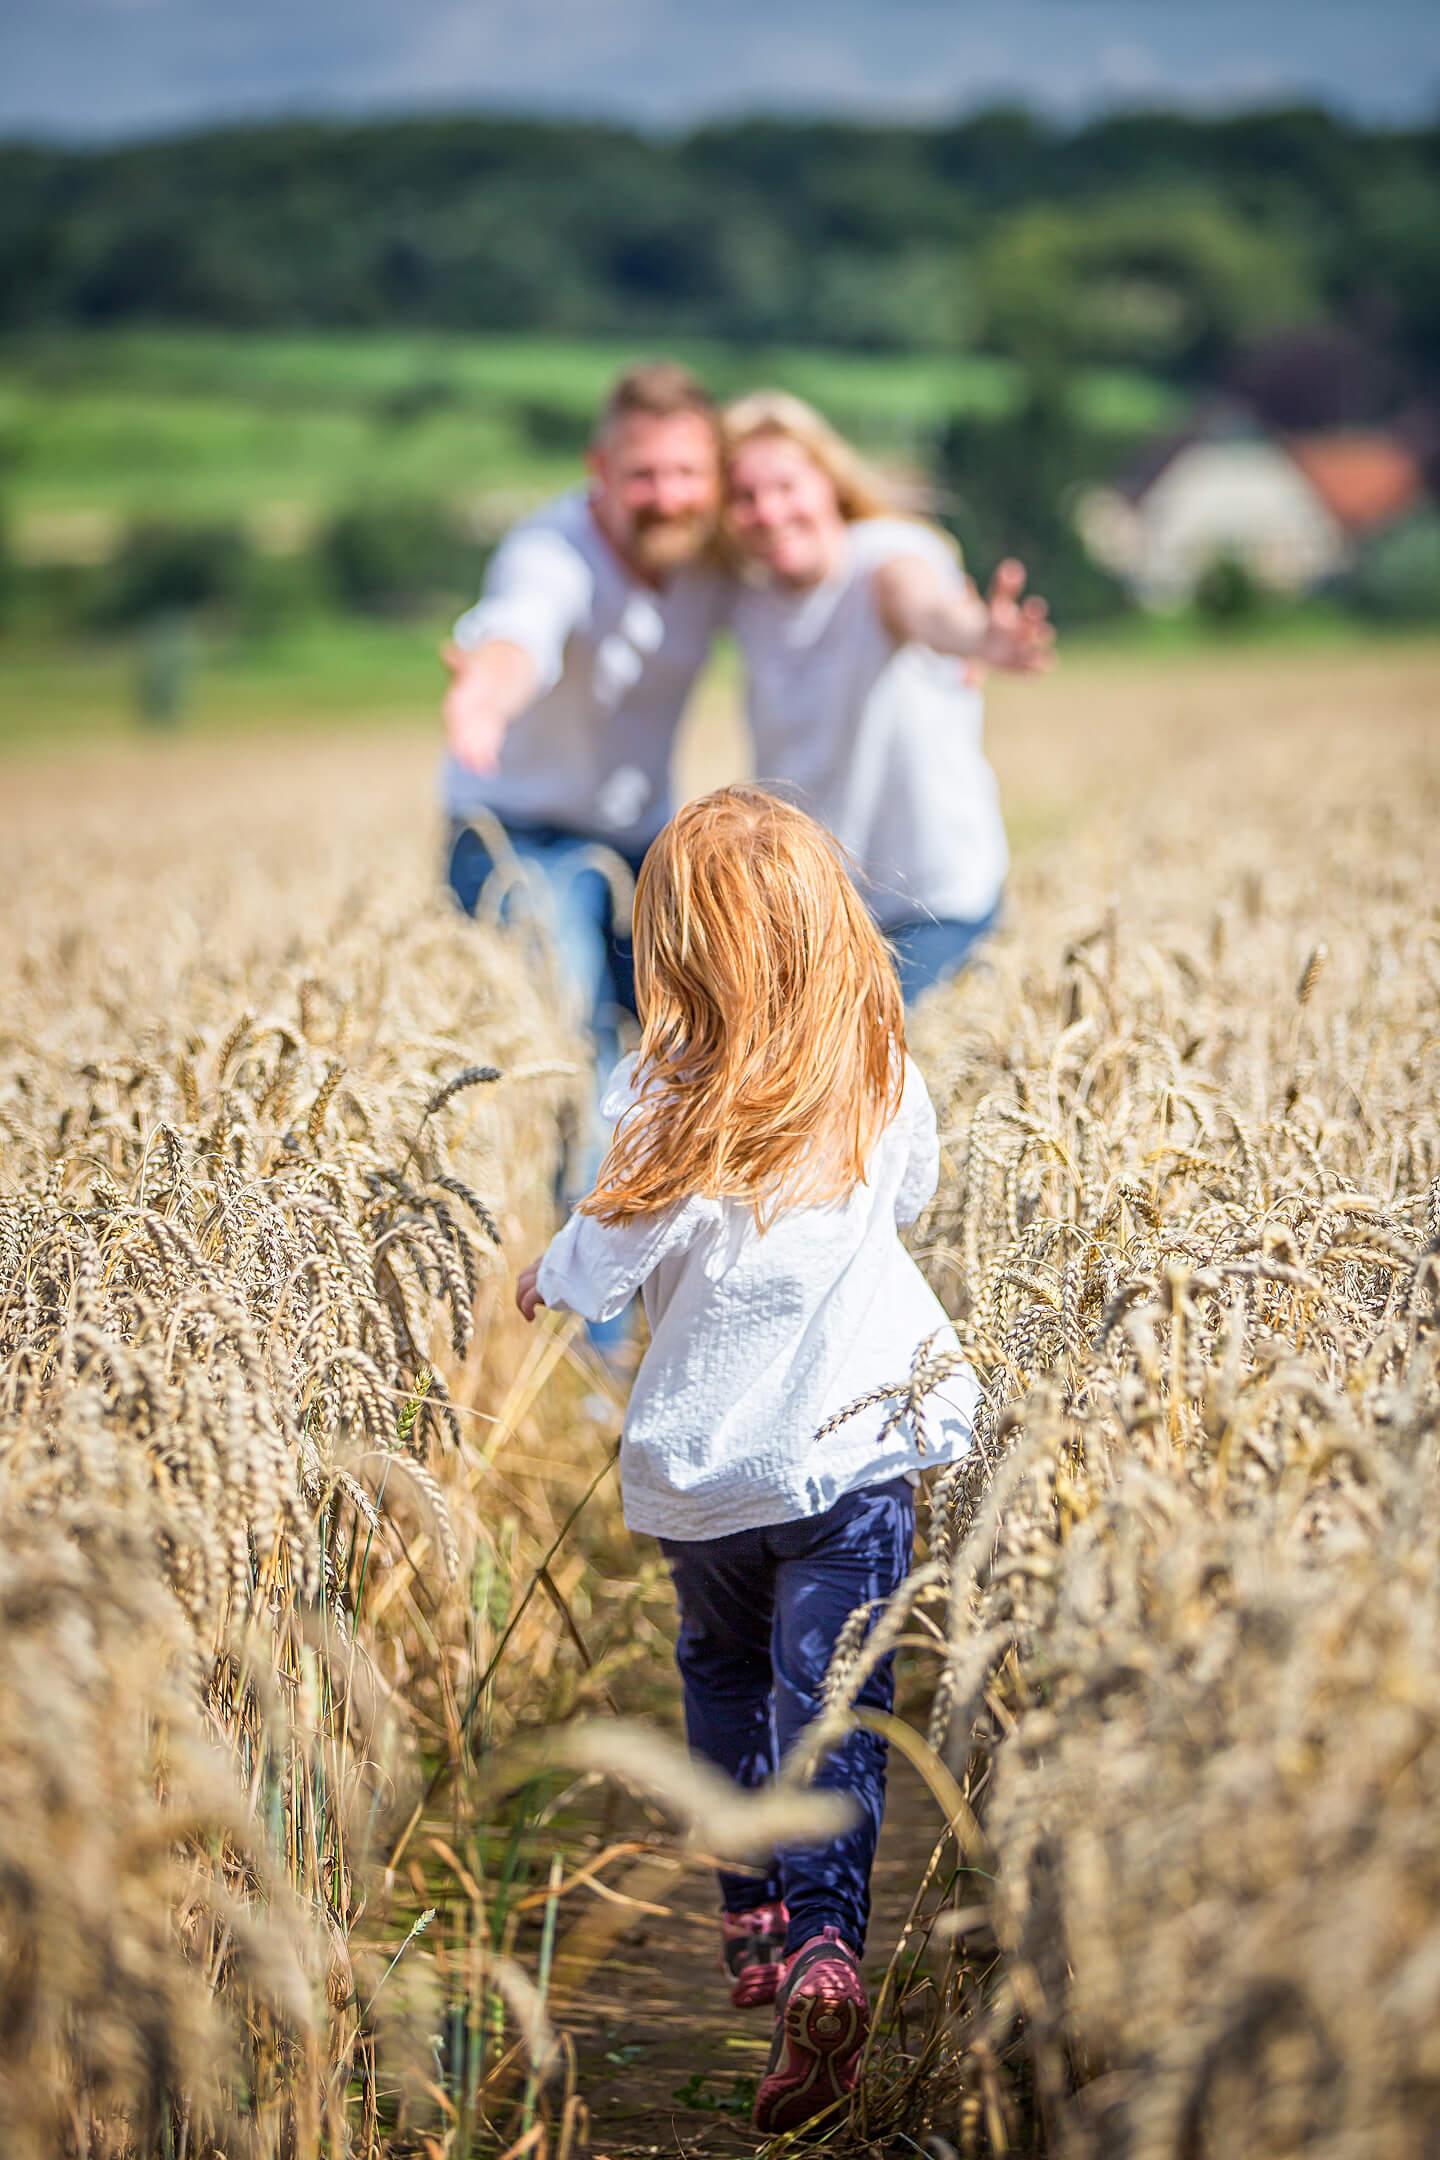 Eines von vielen Familienfotos im Kornfeld: Tochter rennt auf Eltern zu